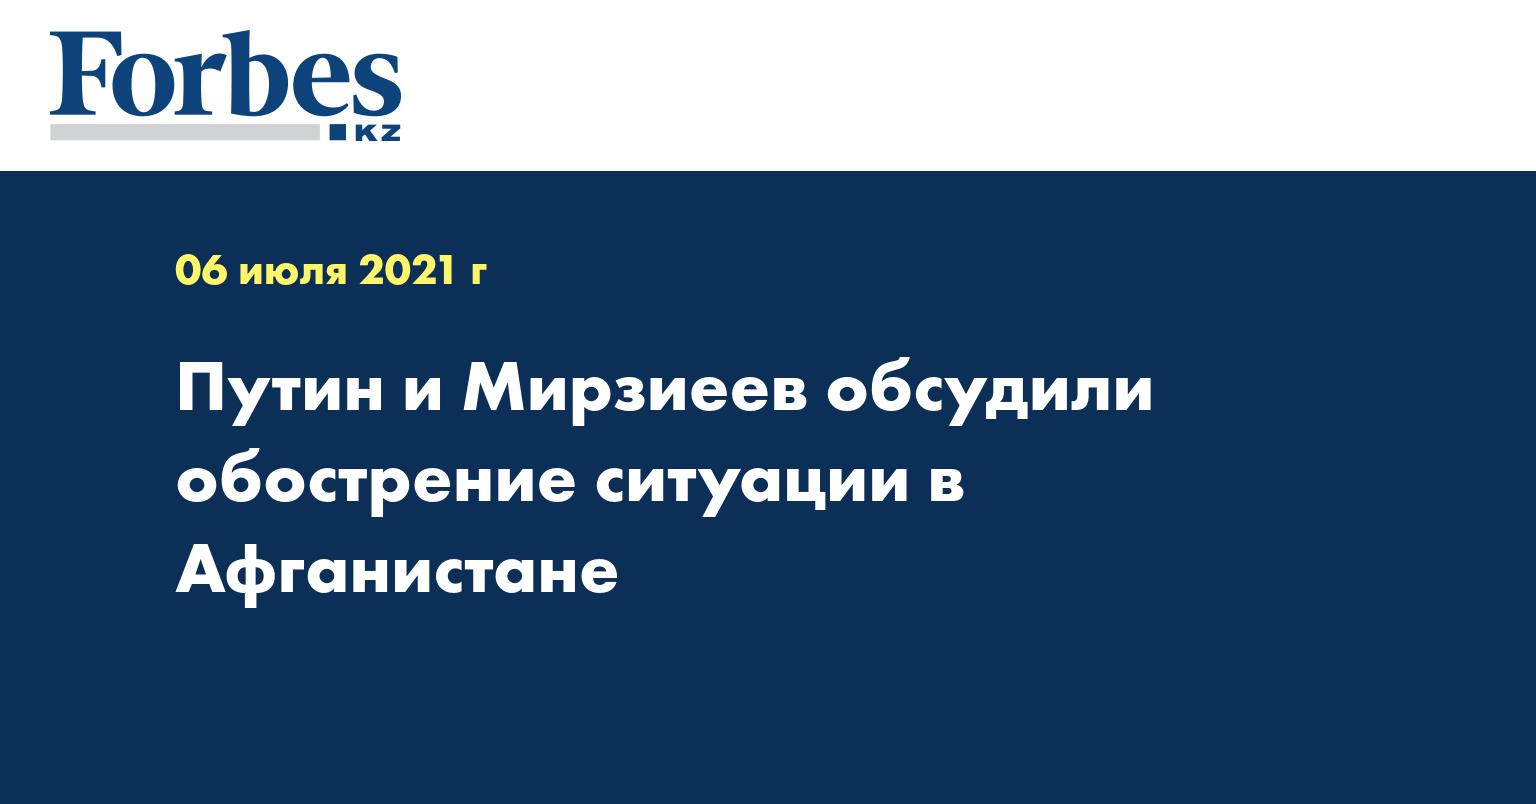 Путин и Мирзиеев обсудили обострение ситуации в Афганистане